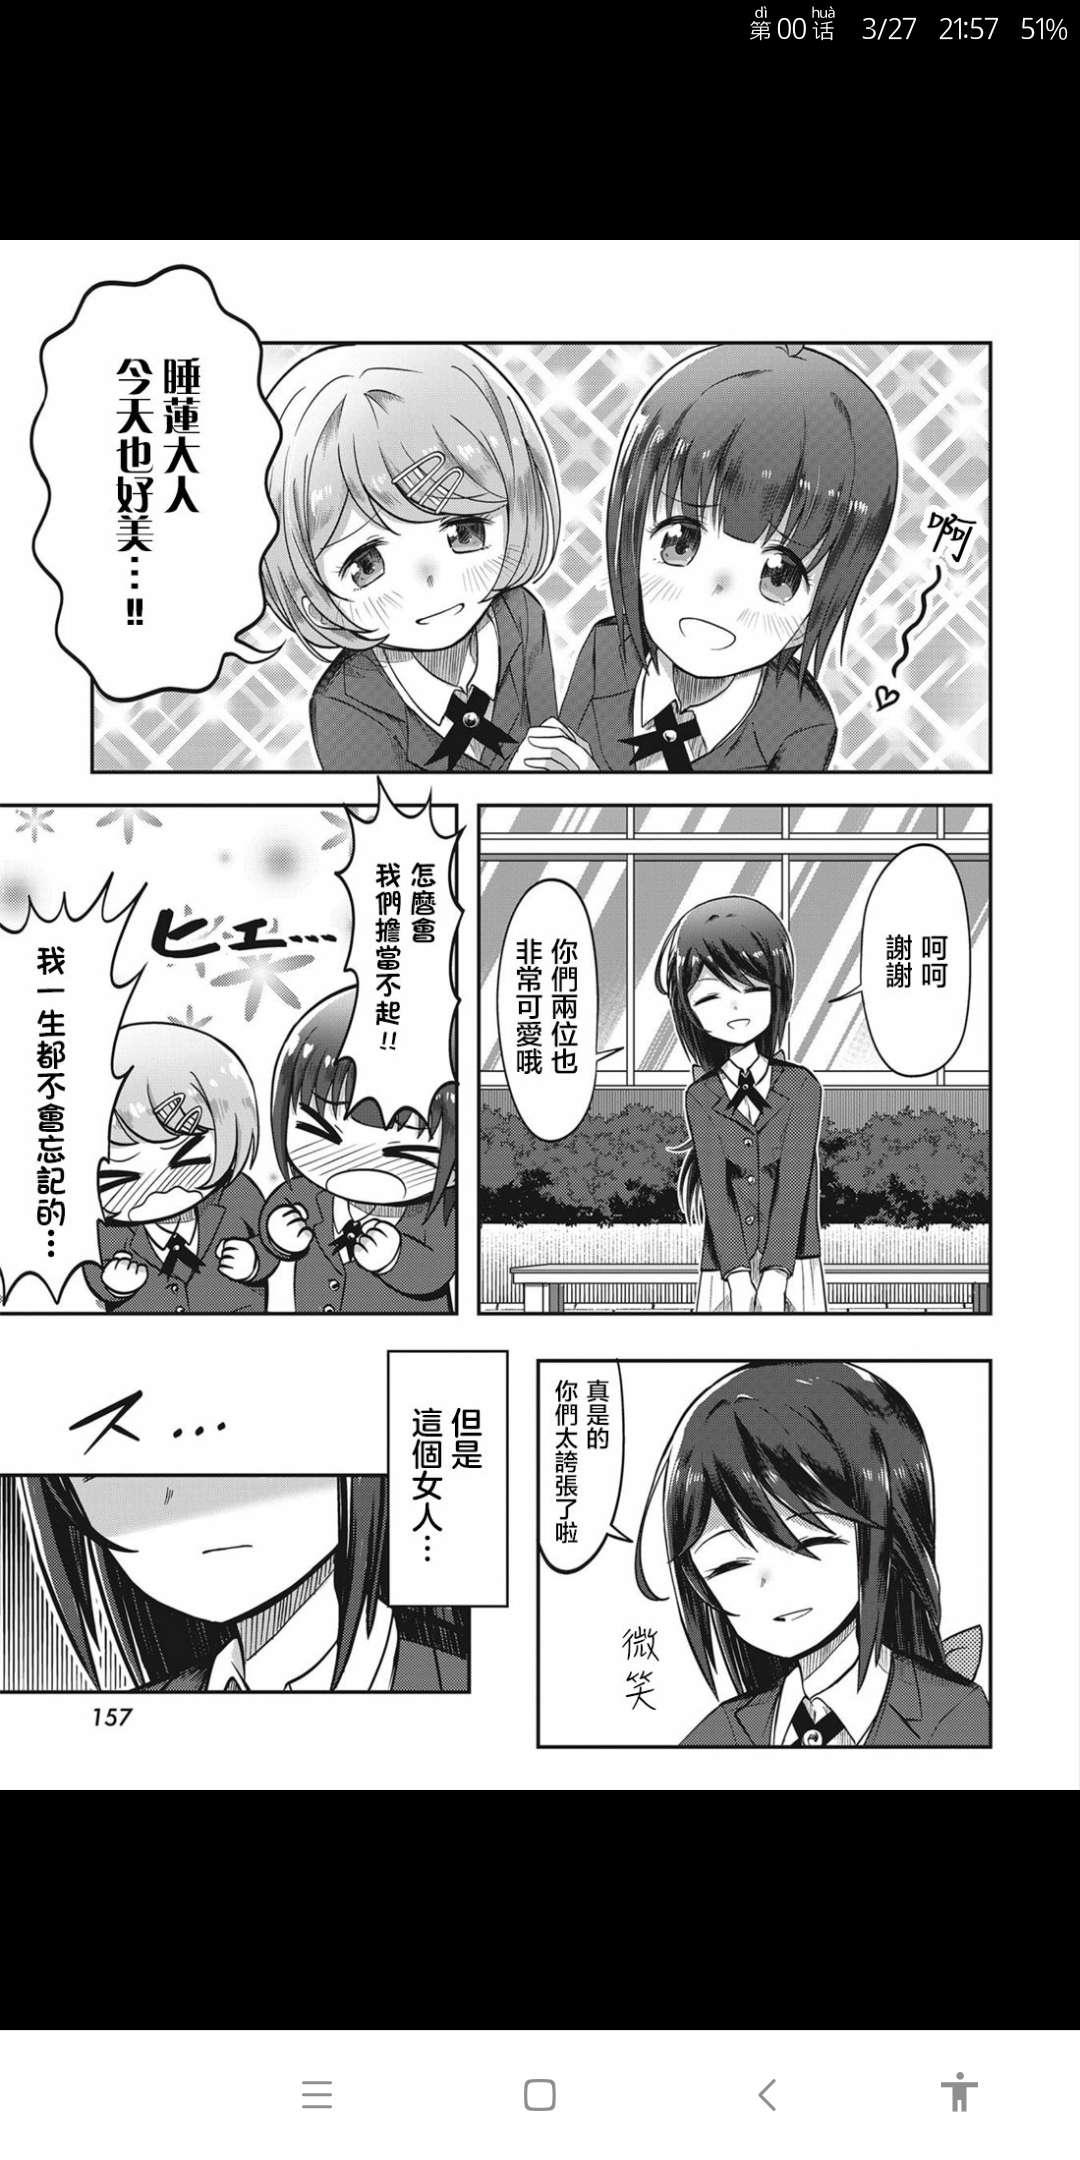 【漫画】观音寺睡莲的苦恼